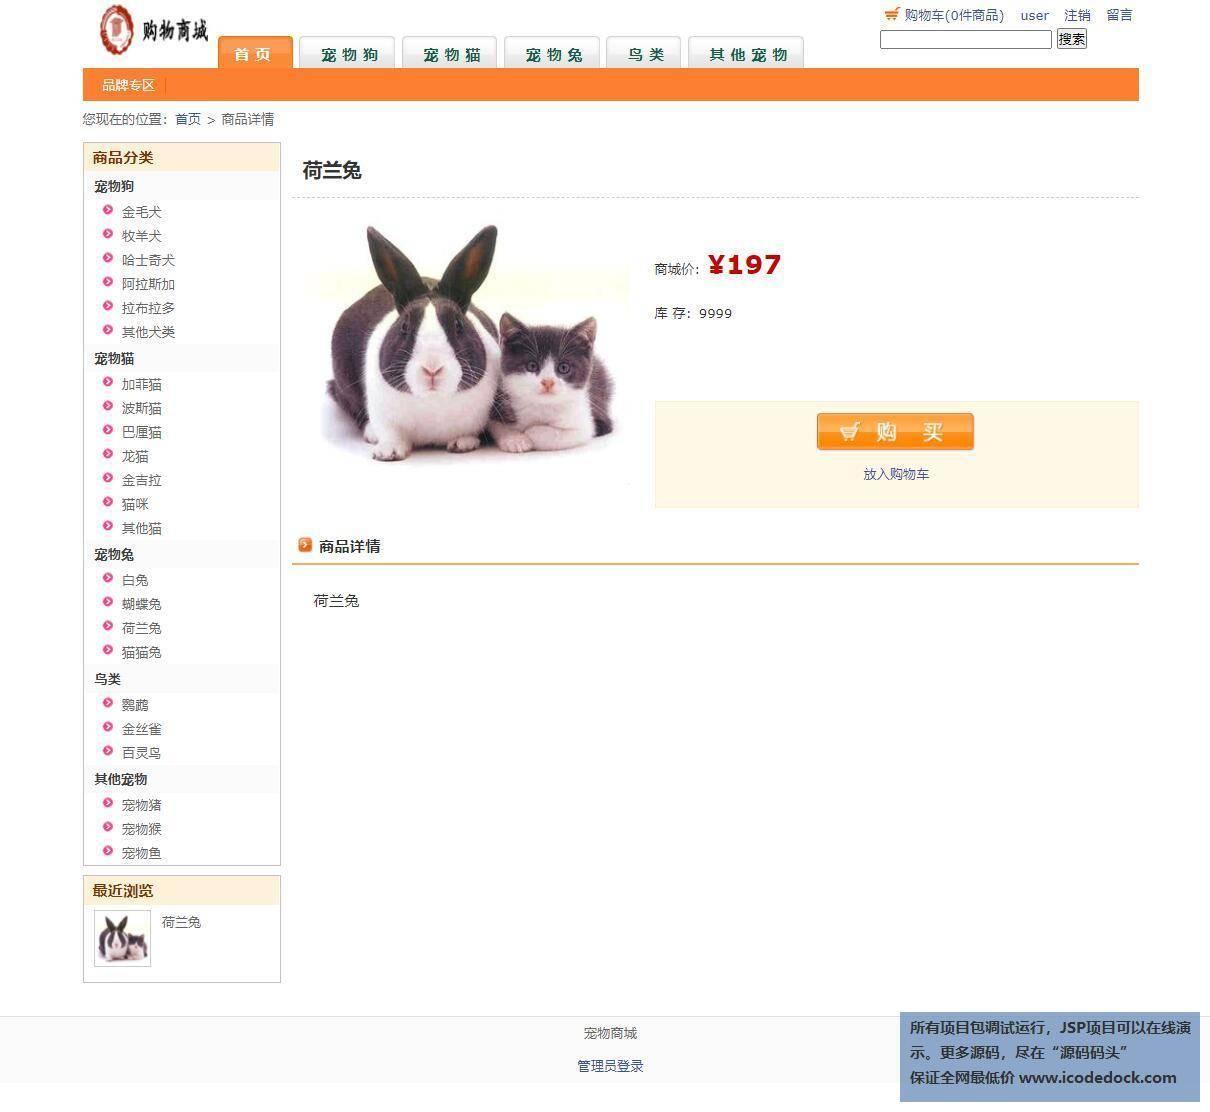 源码码头-SSH实现的一个宠物商城-用户角色-加入购物车